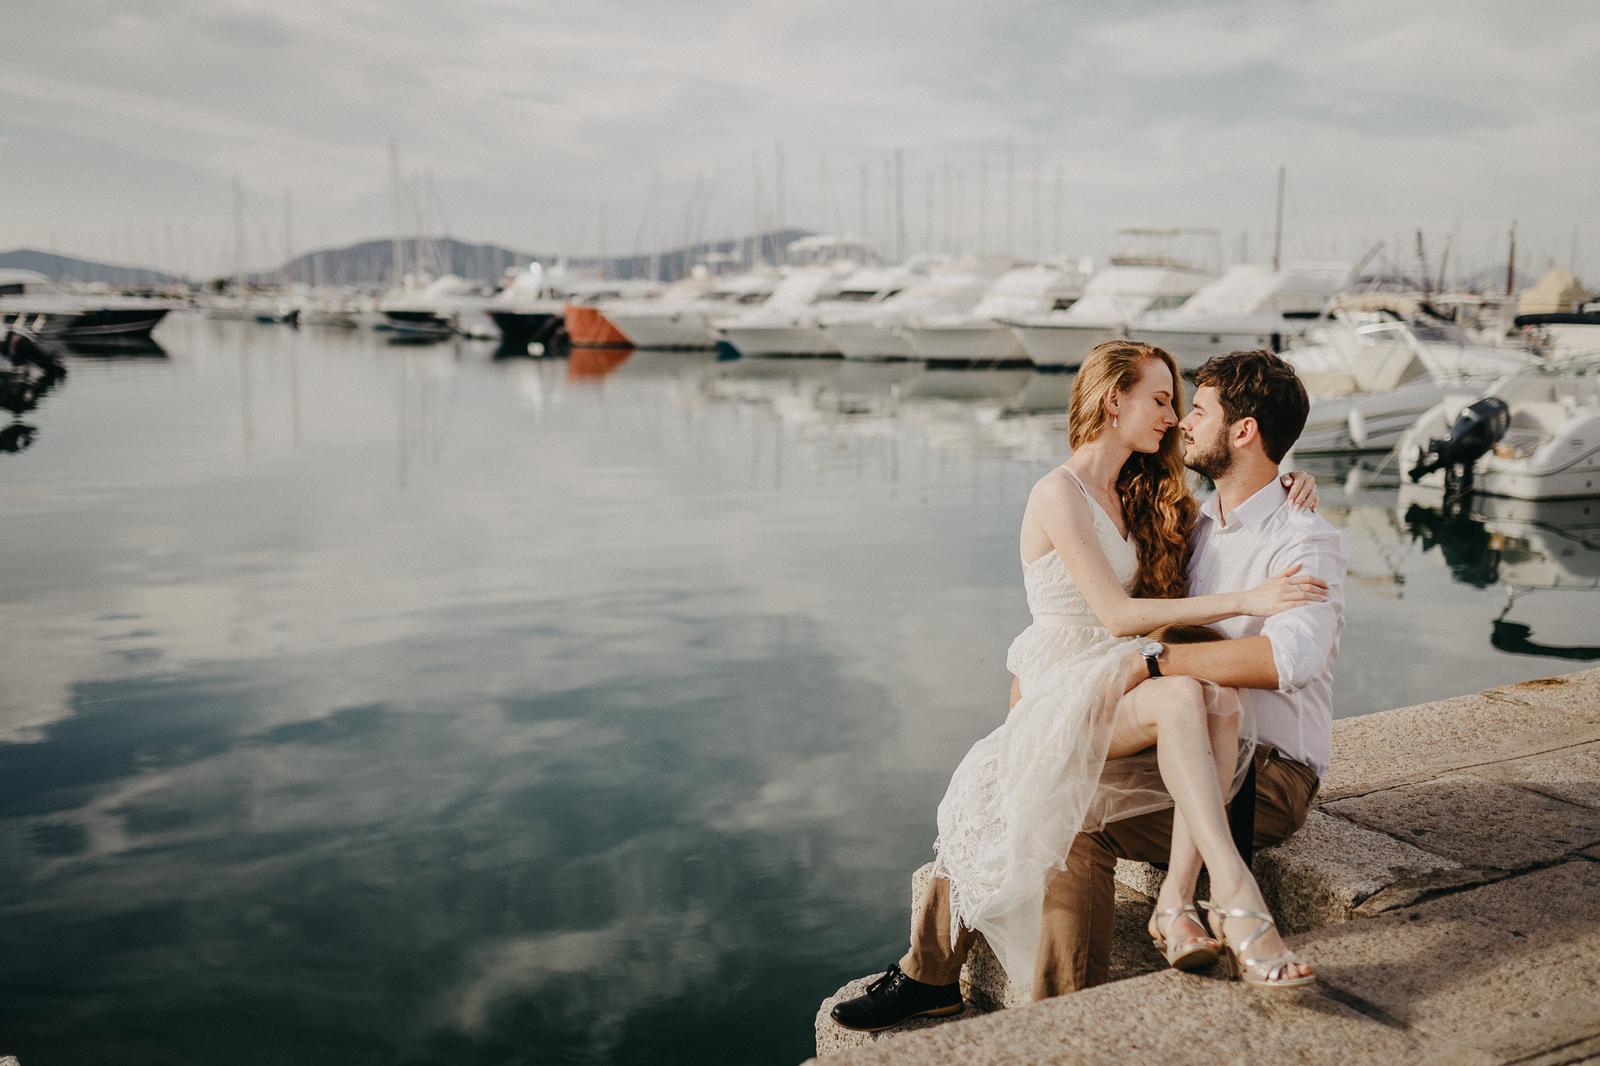 Naše svadobné fotenie na Sardínii - Obrázok č. 16